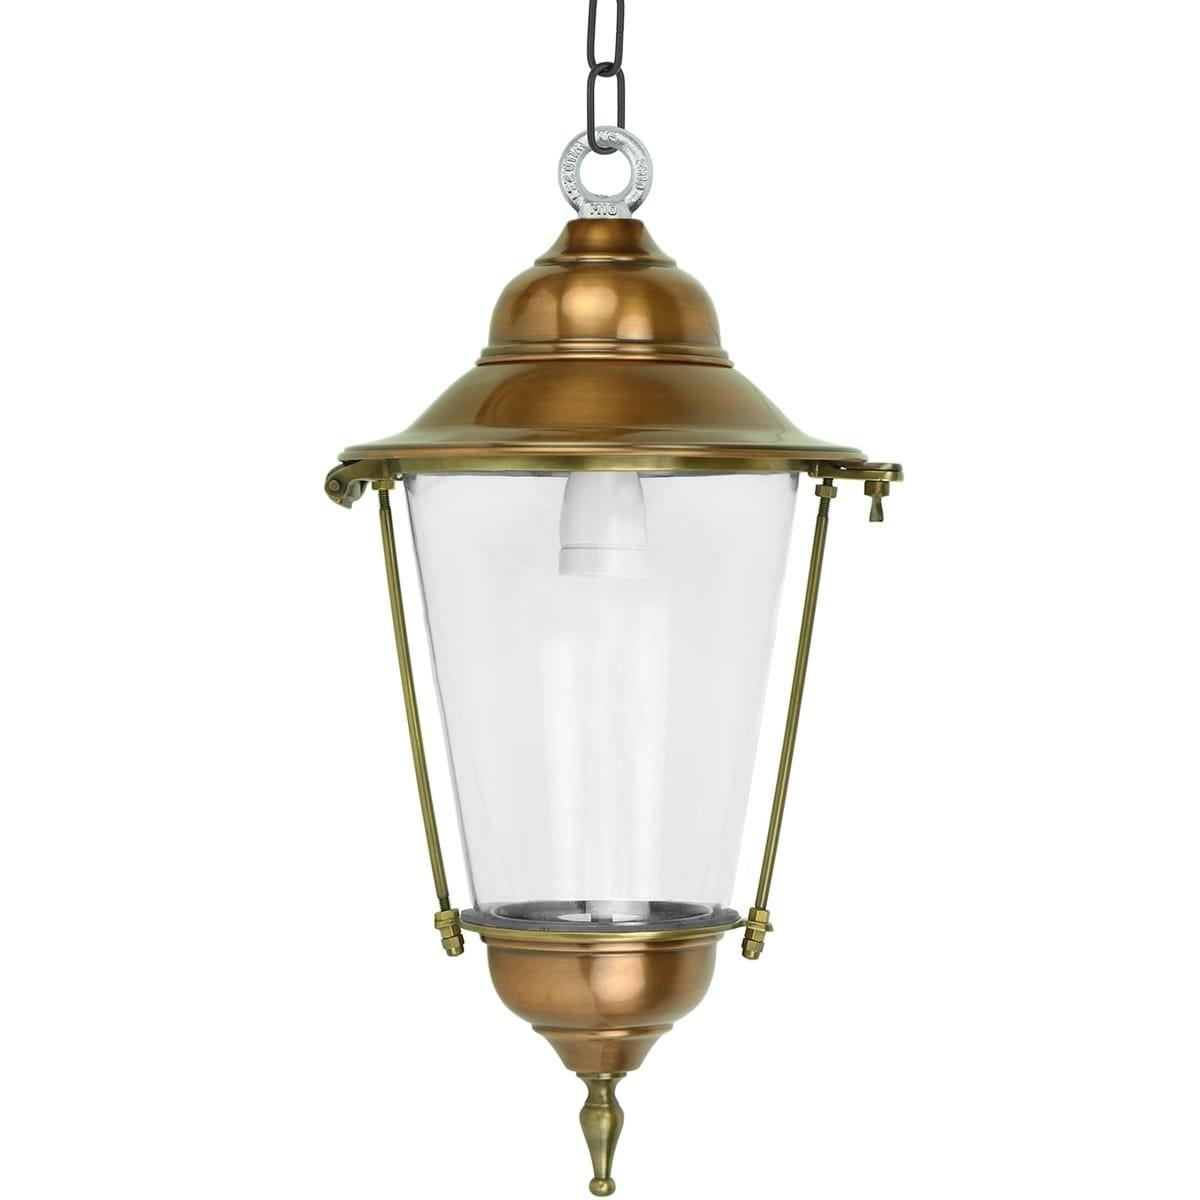 Outdoor Lighting Classic Rural Pendant lamp Sneek bronze on chain - 54 cm